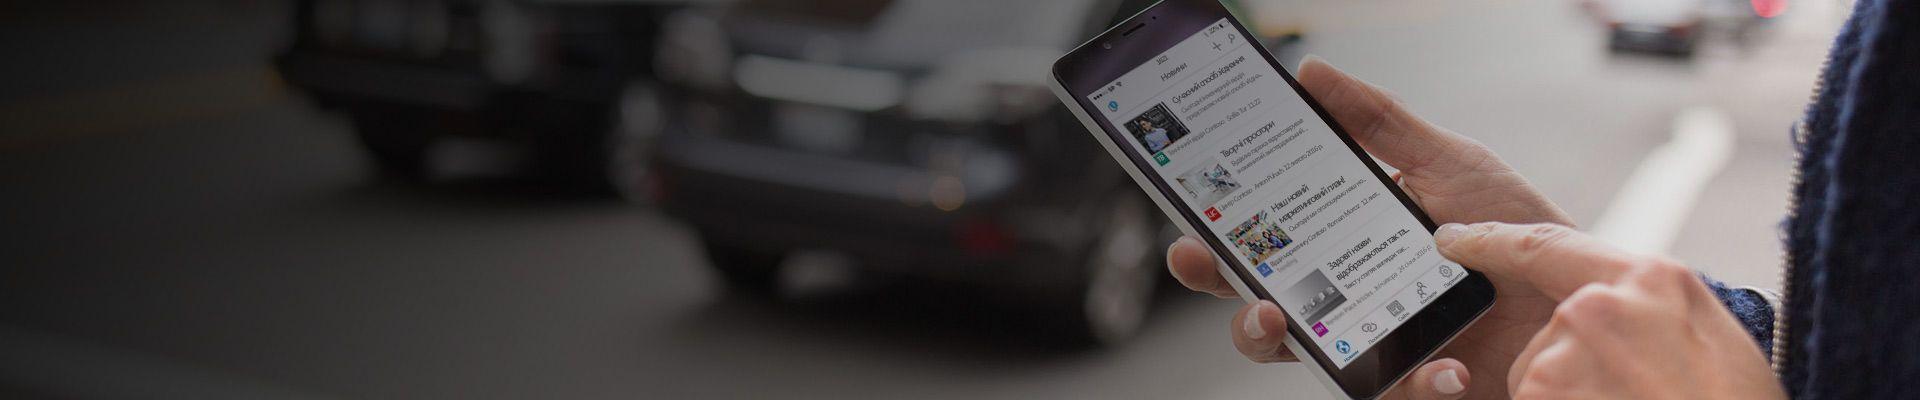 Смартфон, на якому показано новини із сайтів SharePoint